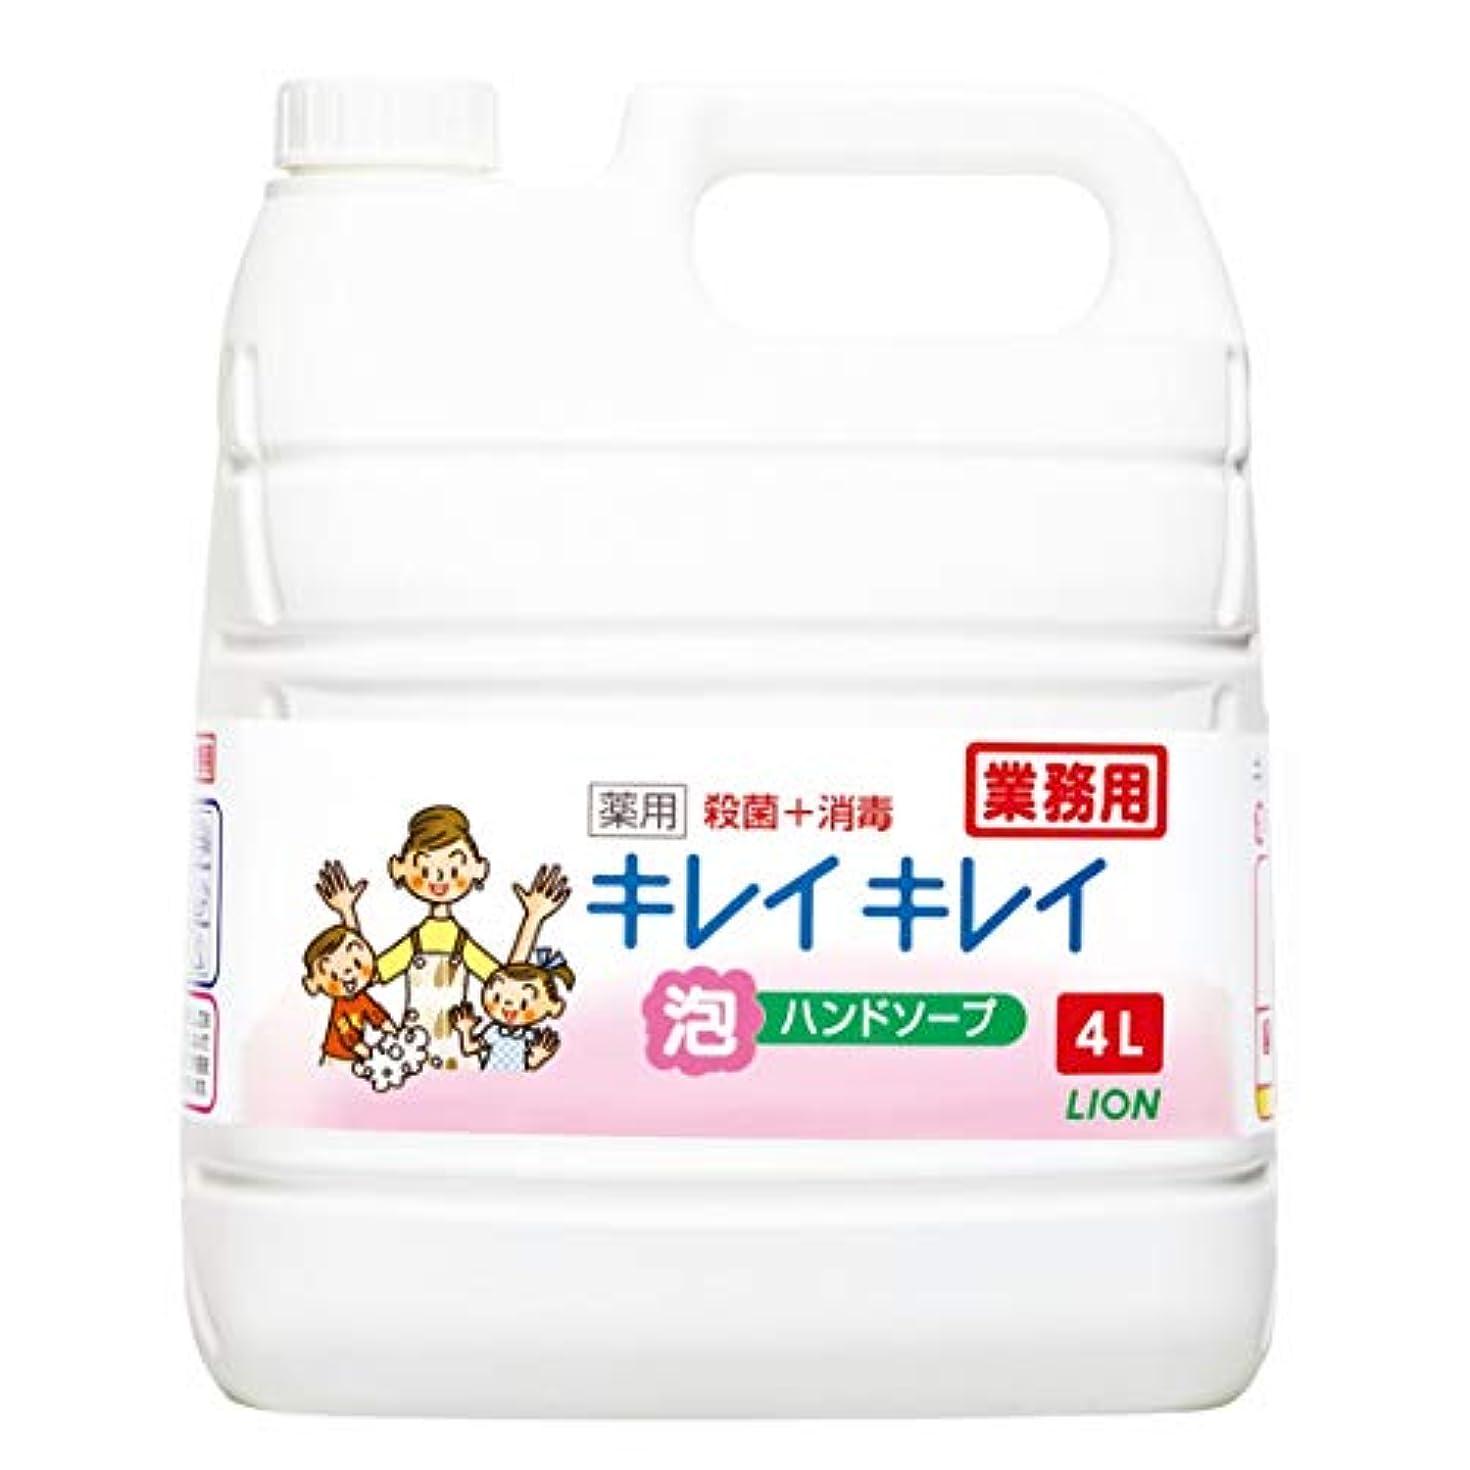 エロチック虚弱適合しました【業務用 大容量】キレイキレイ 薬用 泡ハンドソープ シトラスフルーティの香り 液体 単品 4L(医薬部外品)